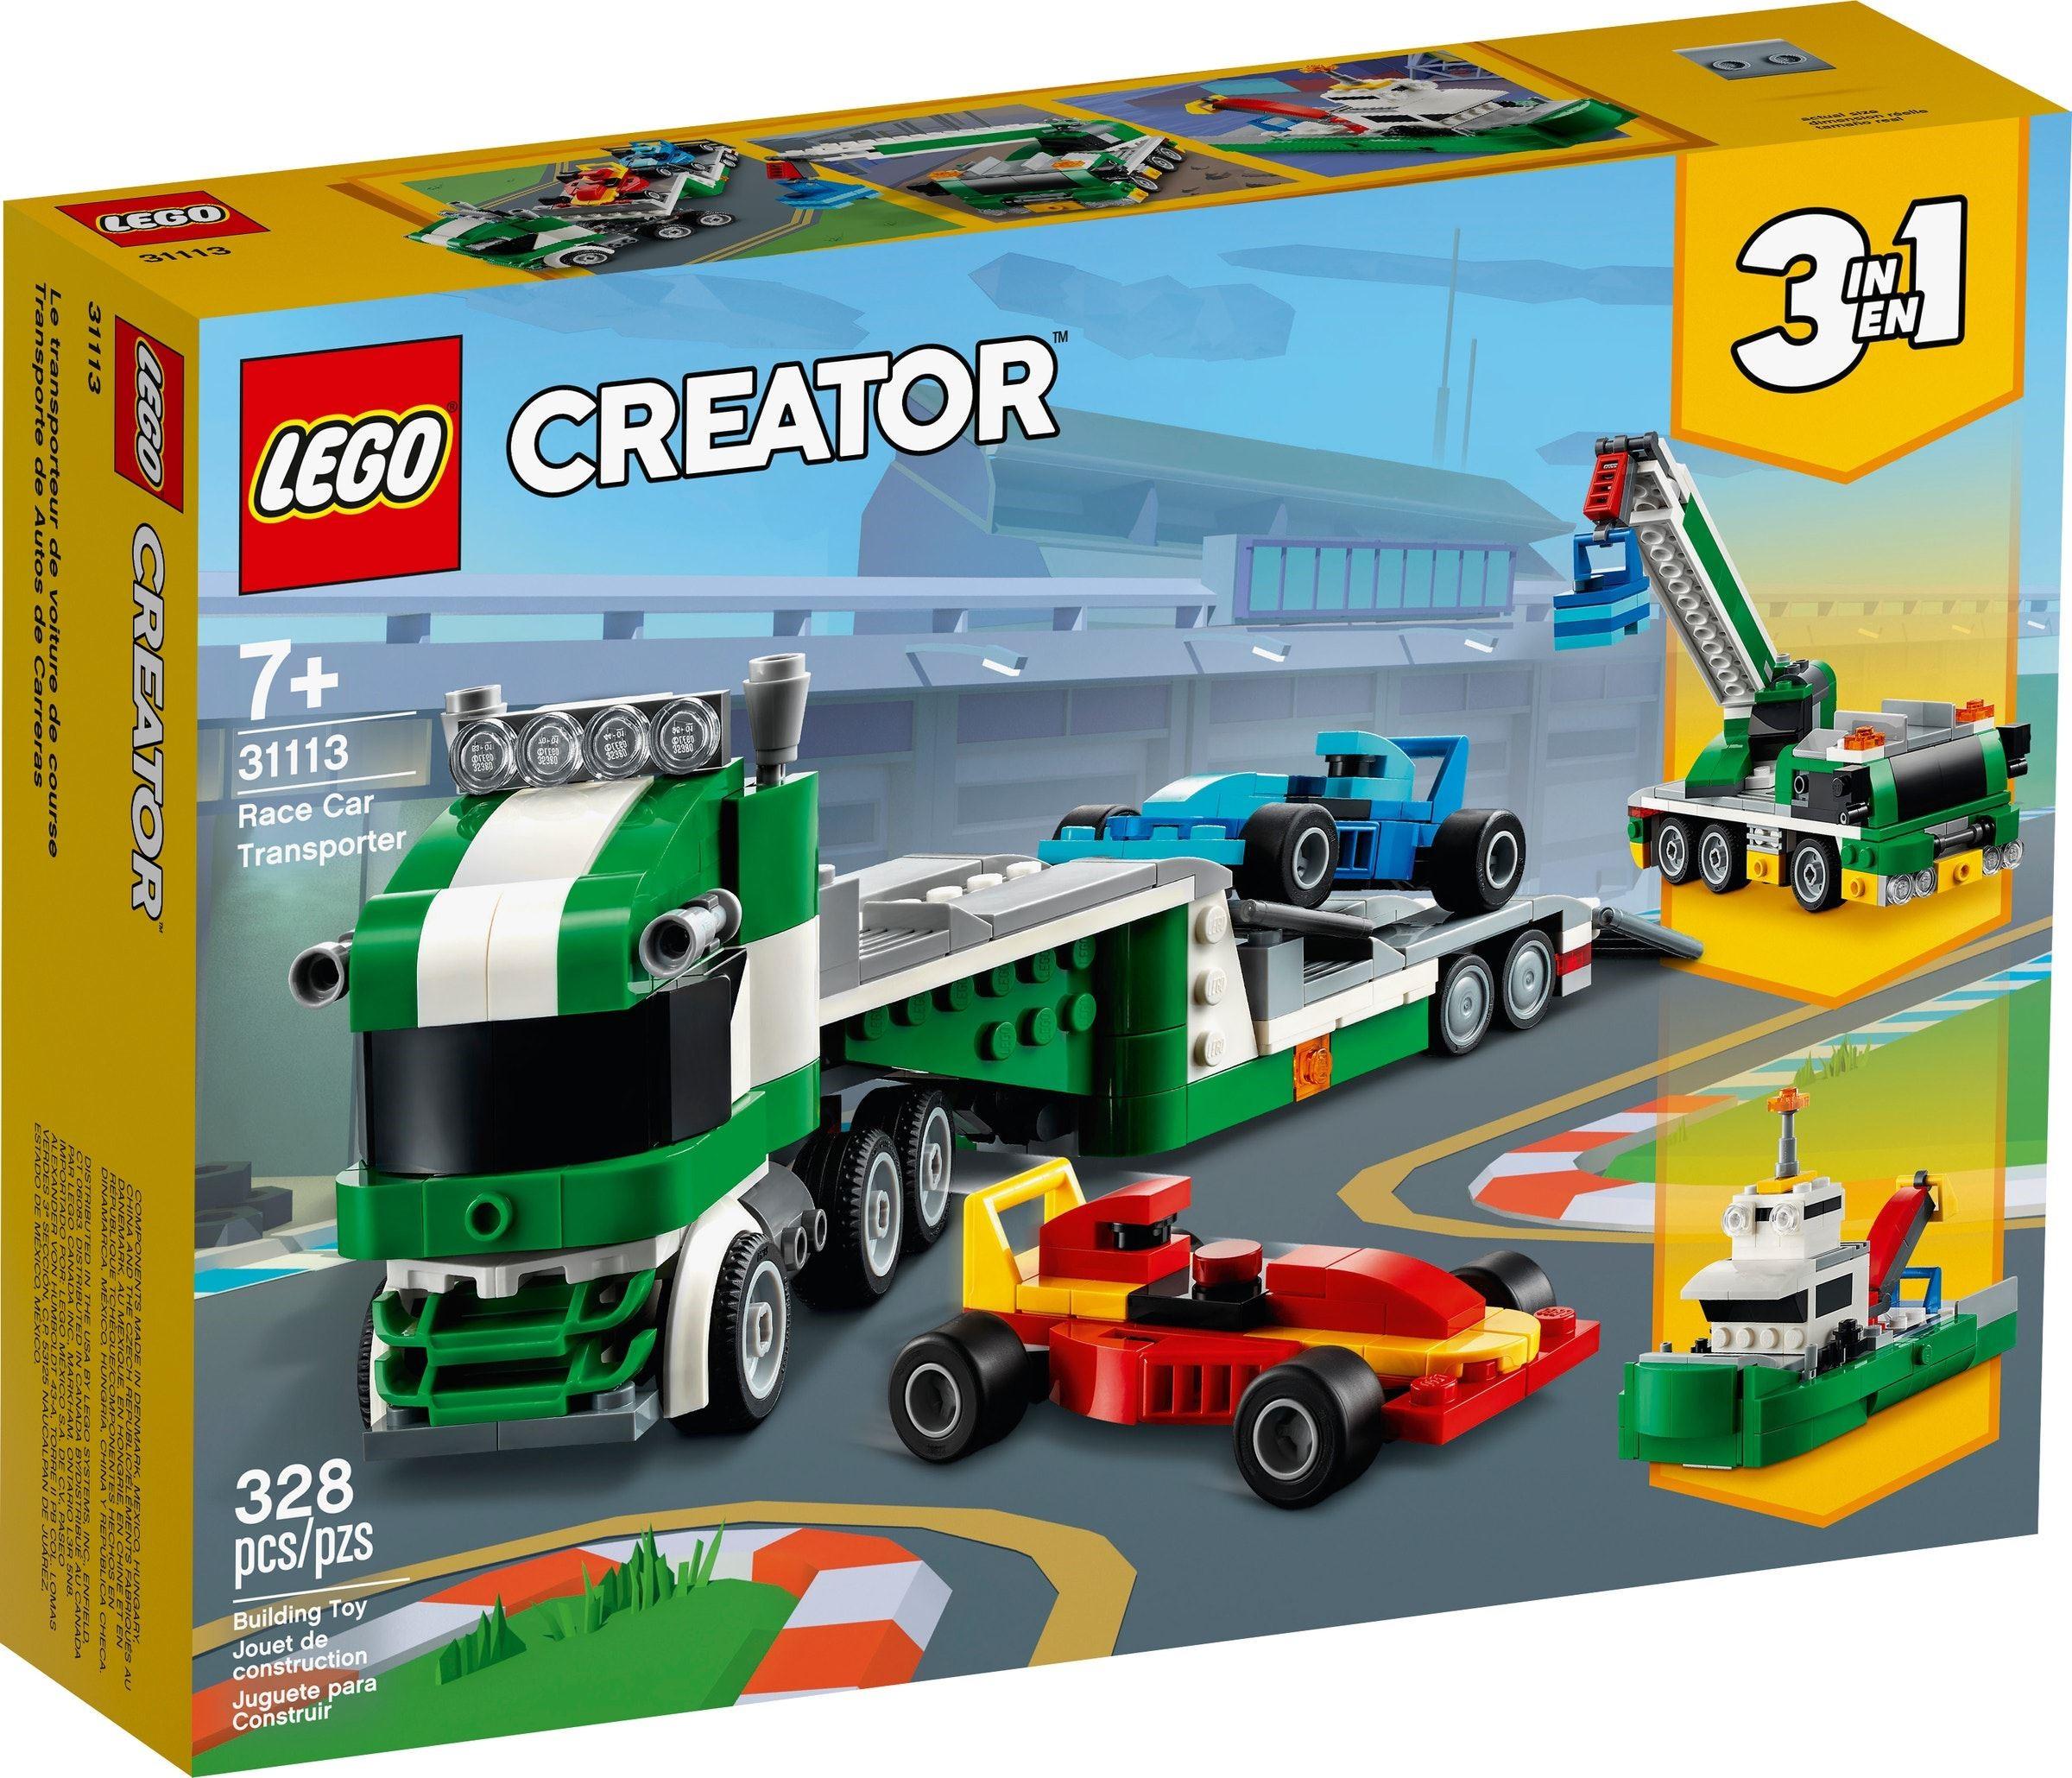 LEGO Creator - Race Car Transporter (31113)